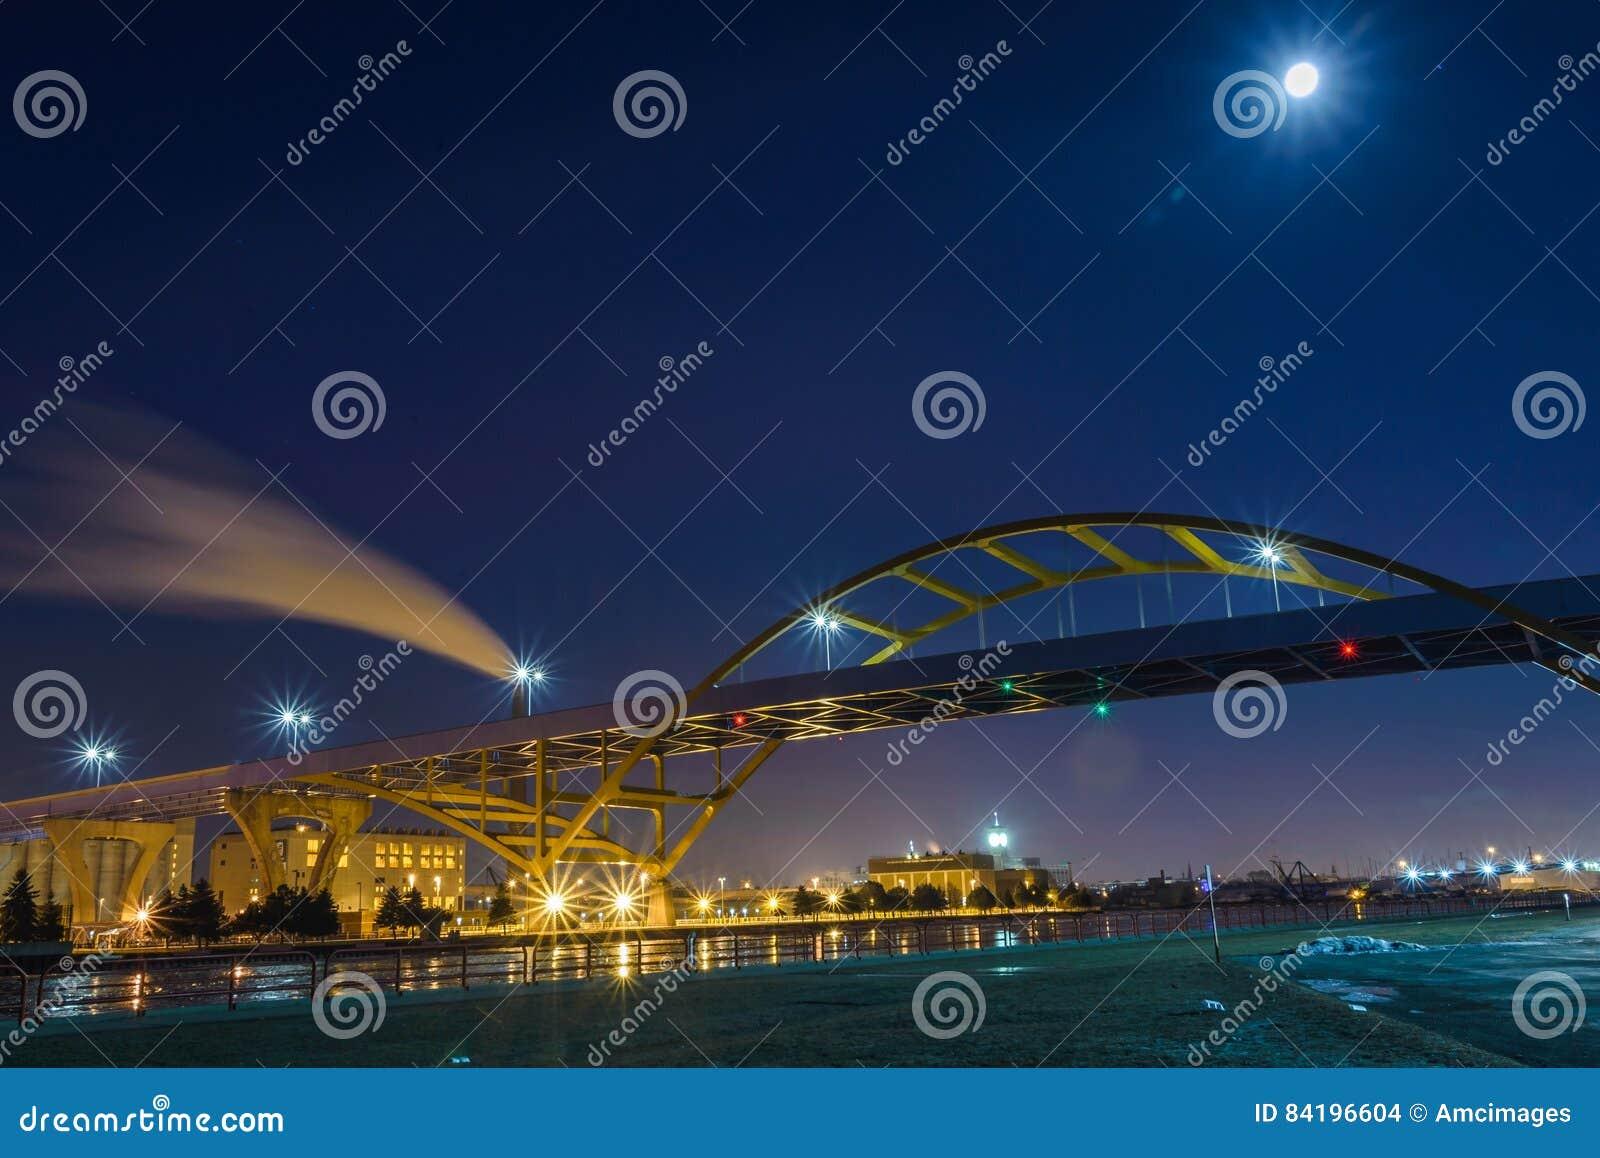 Γέφυρα στη λίμνη Μίτσιγκαν στο Μιλγουώκι, Ουισκόνσιν